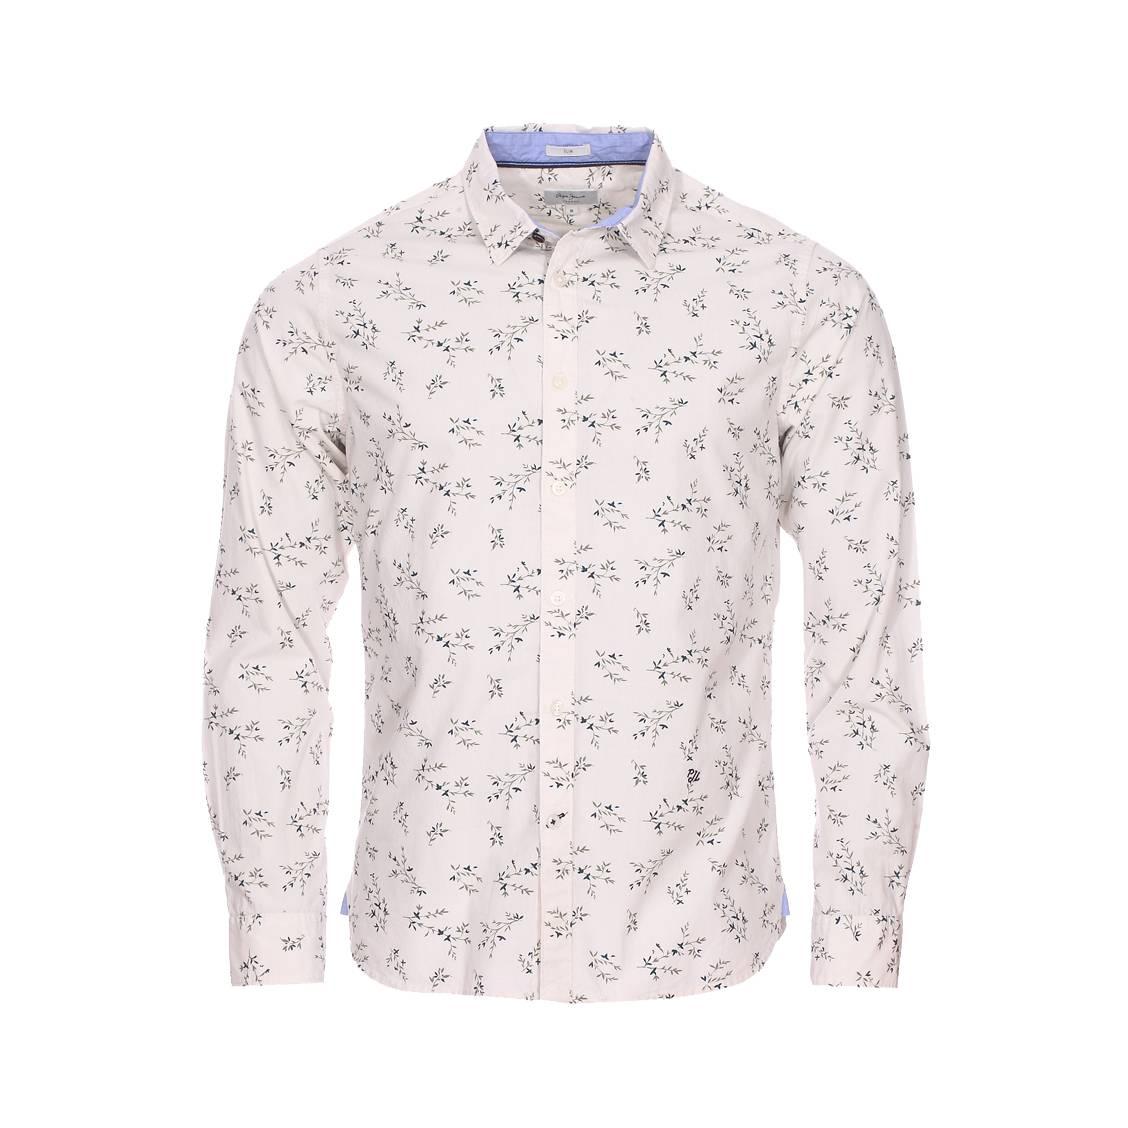 Chemise cintrée  dawson en coton blanc à motifs végétaux verts et bleus